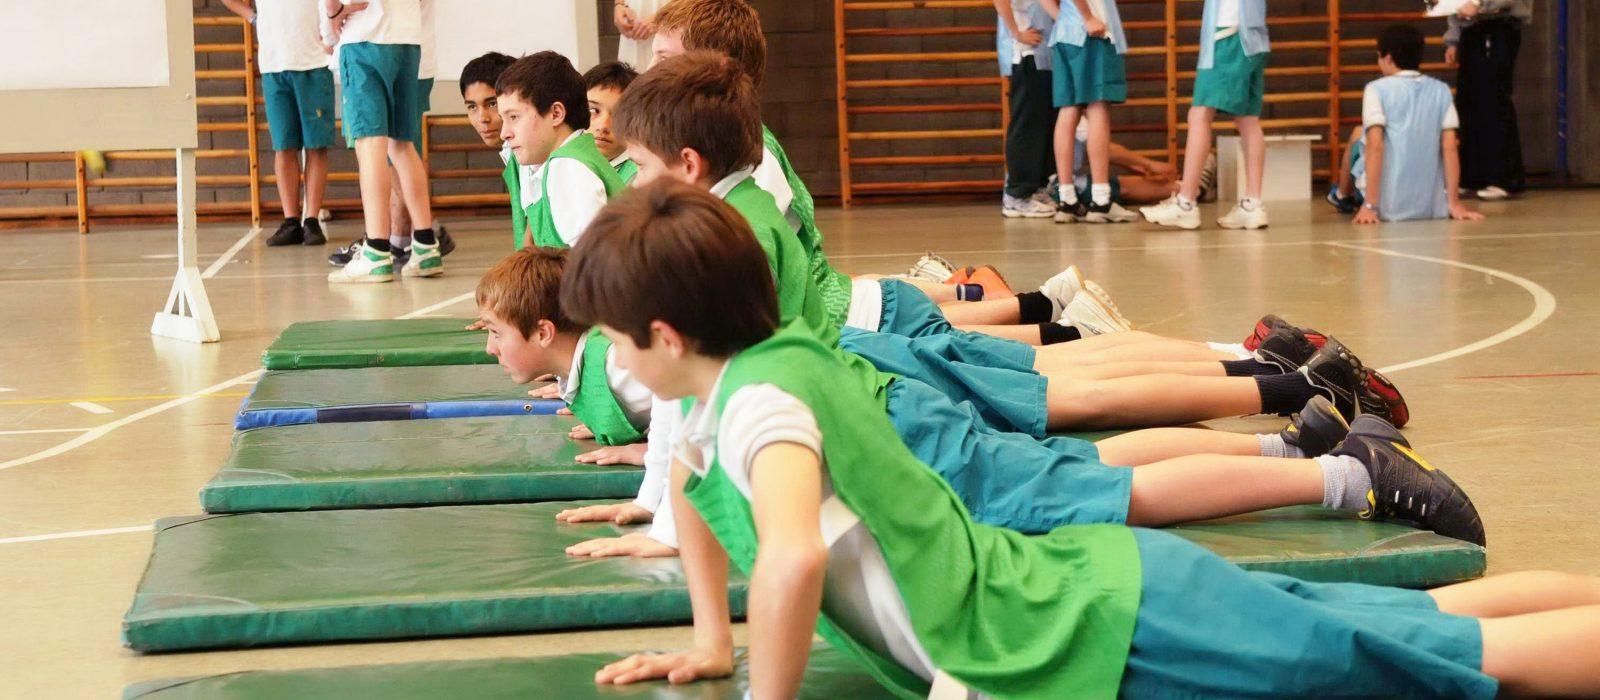 La actividad física mejora el aprendizaje